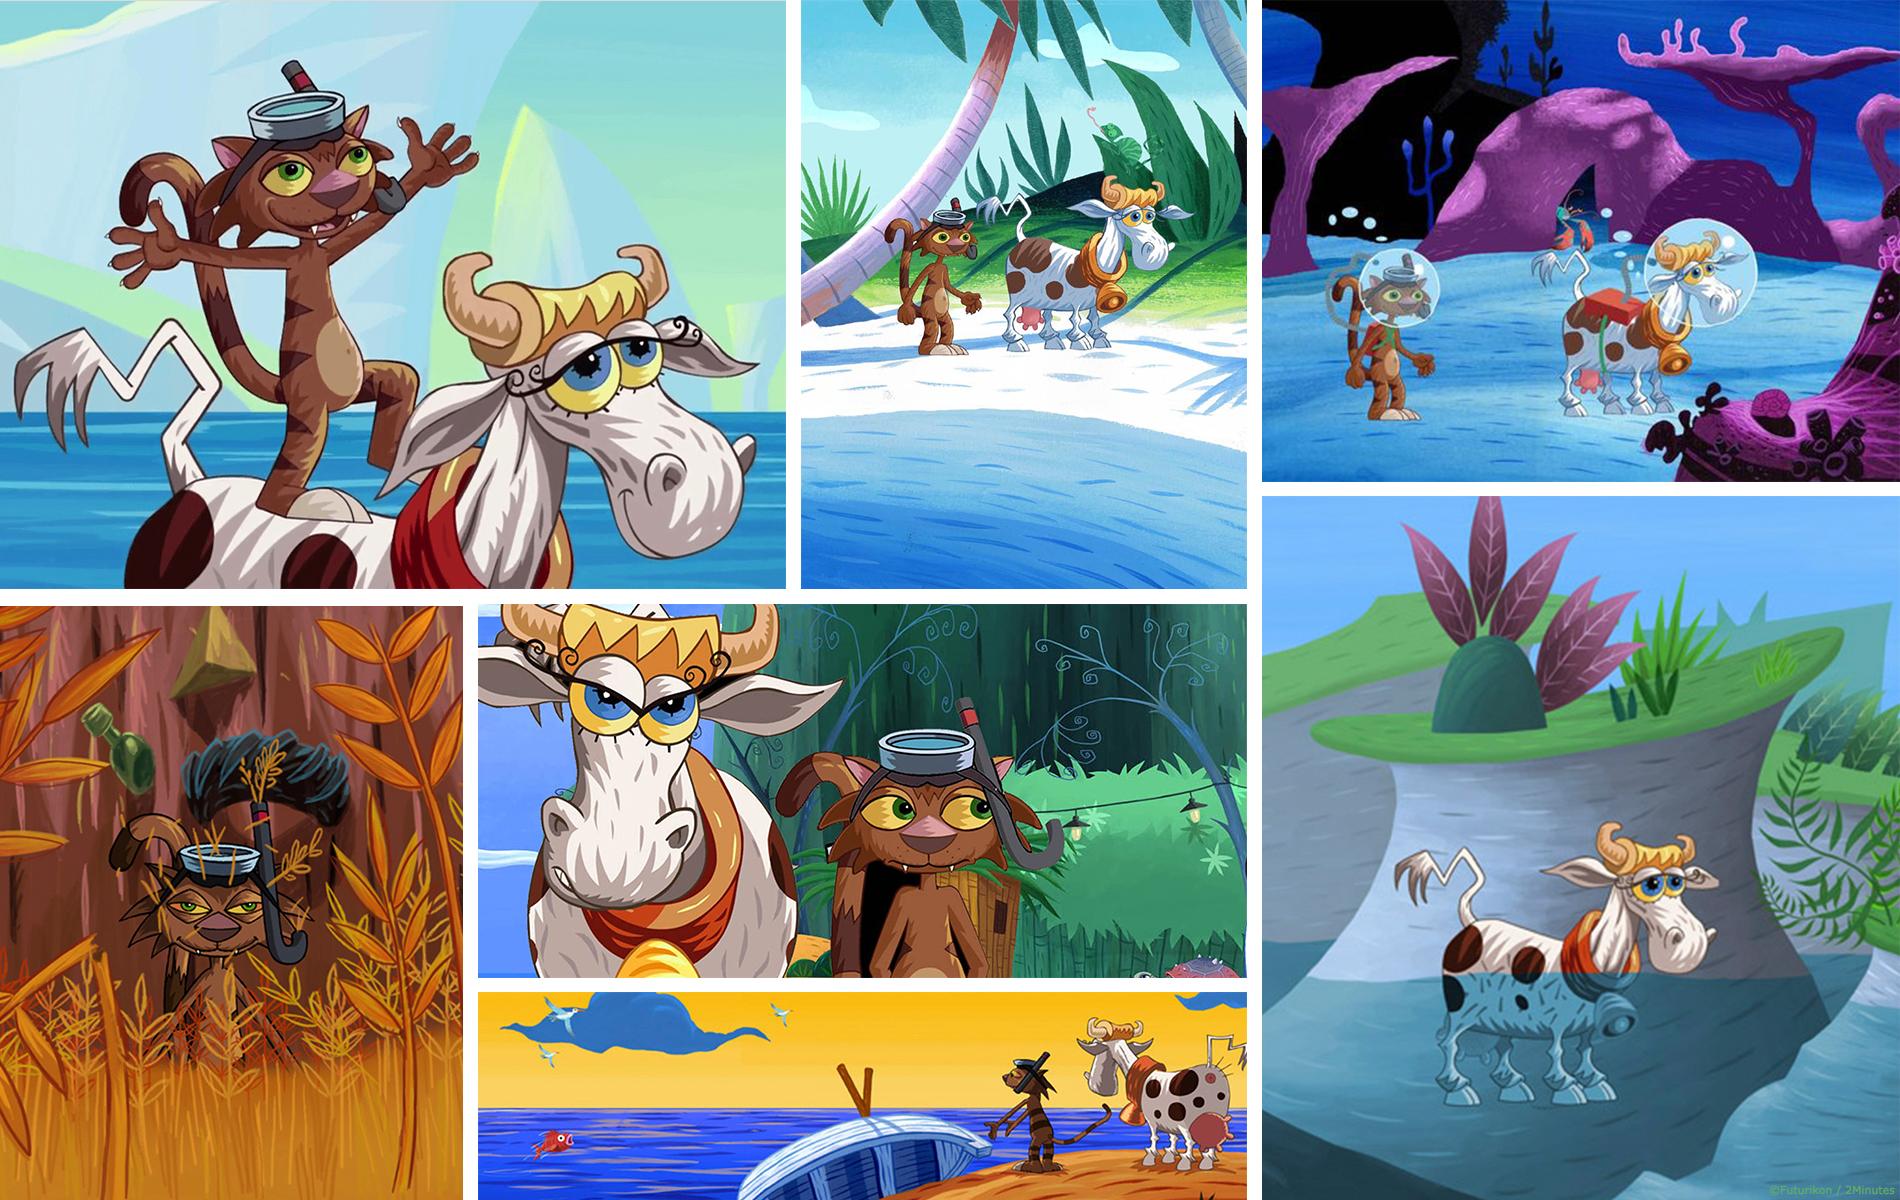 La vache, le chat et l'ocean - Animation, compositing par 2 minutes